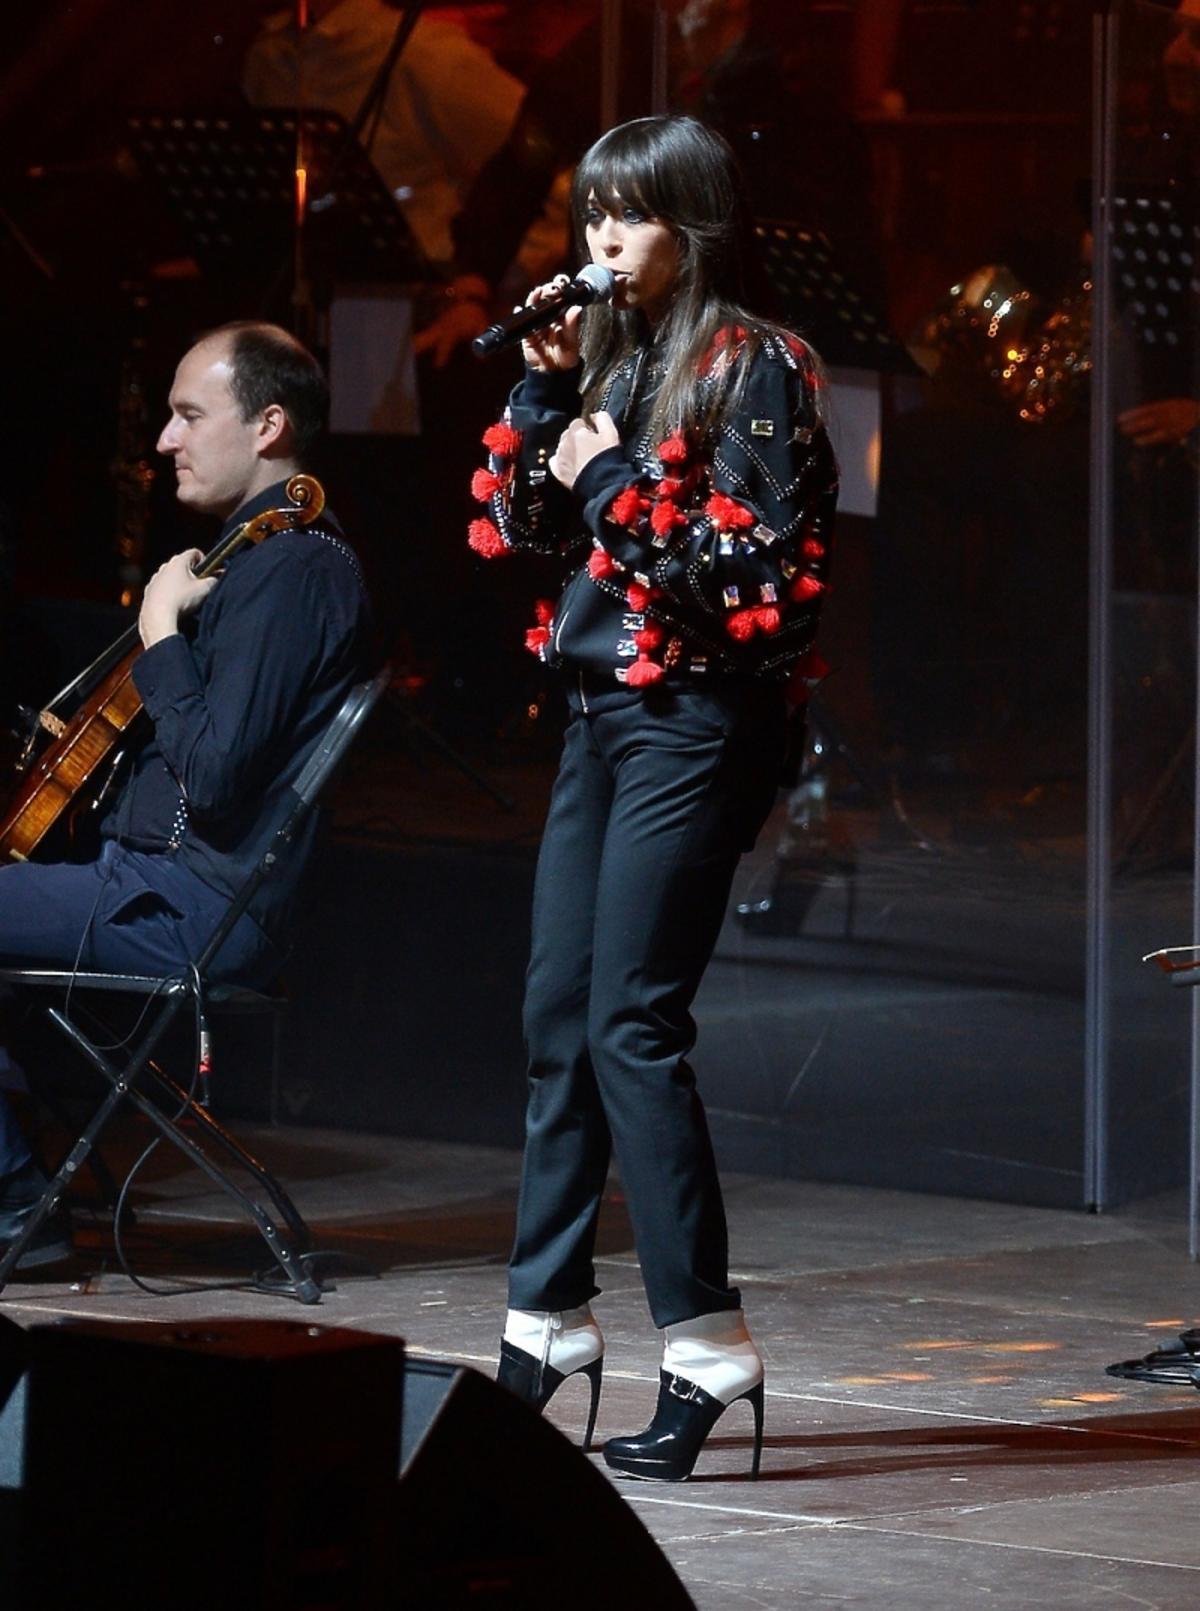 Natalia Kukulska w ozdobnej czarno-czerwonej bluzie z kryształami i troczkami Mariusza Przybylskiego i czarnych spodniach